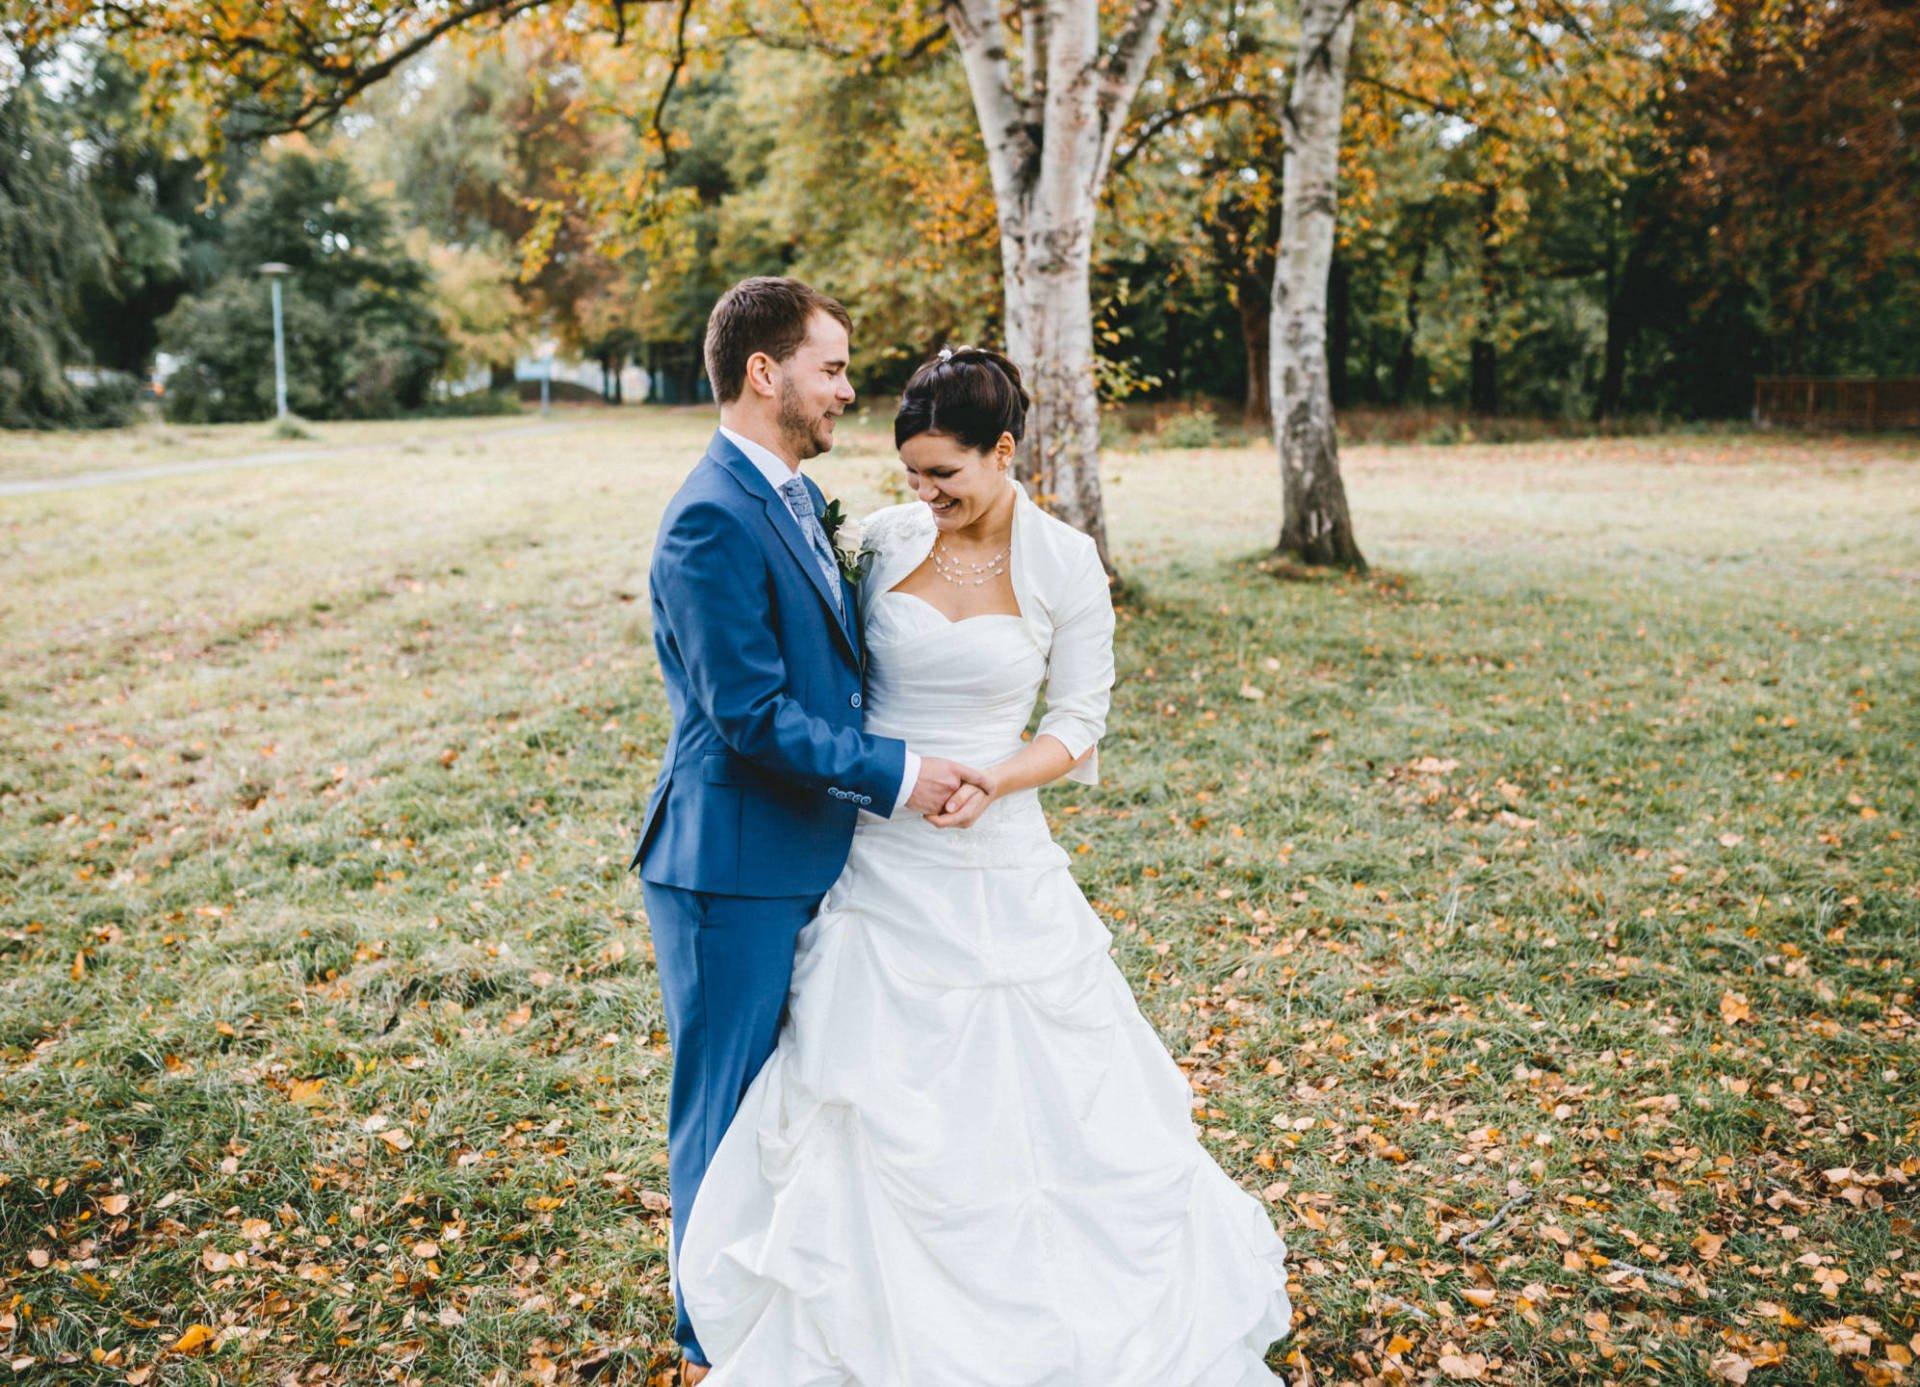 Hochzeitsreportage | Hochzeit im Paradies Jena | 10